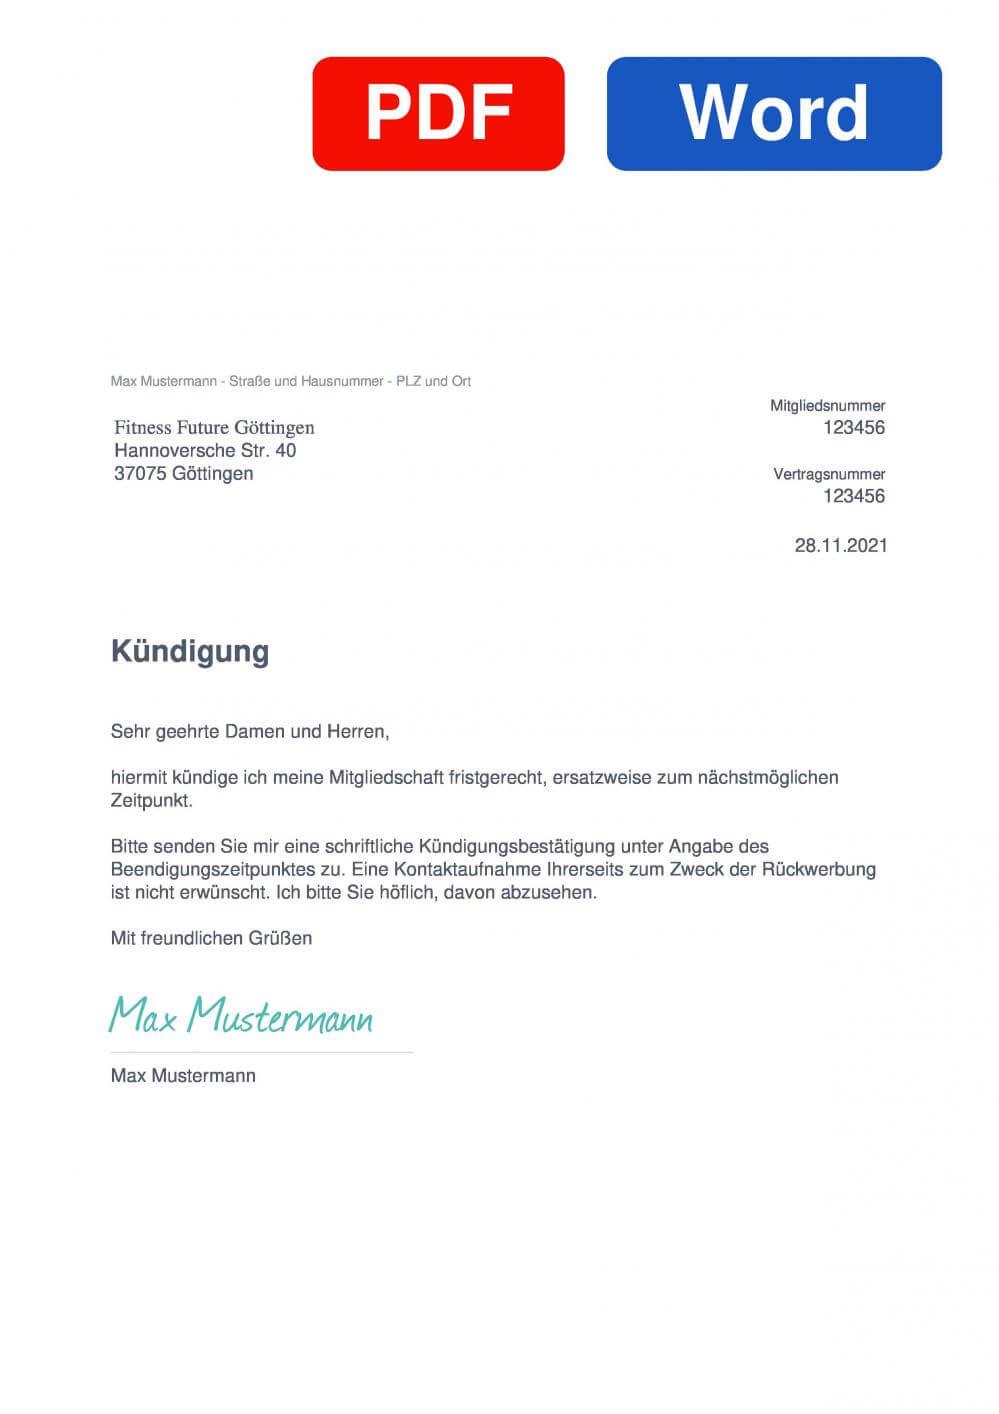 FitnessFuture Göttingen Muster Vorlage für Kündigungsschreiben